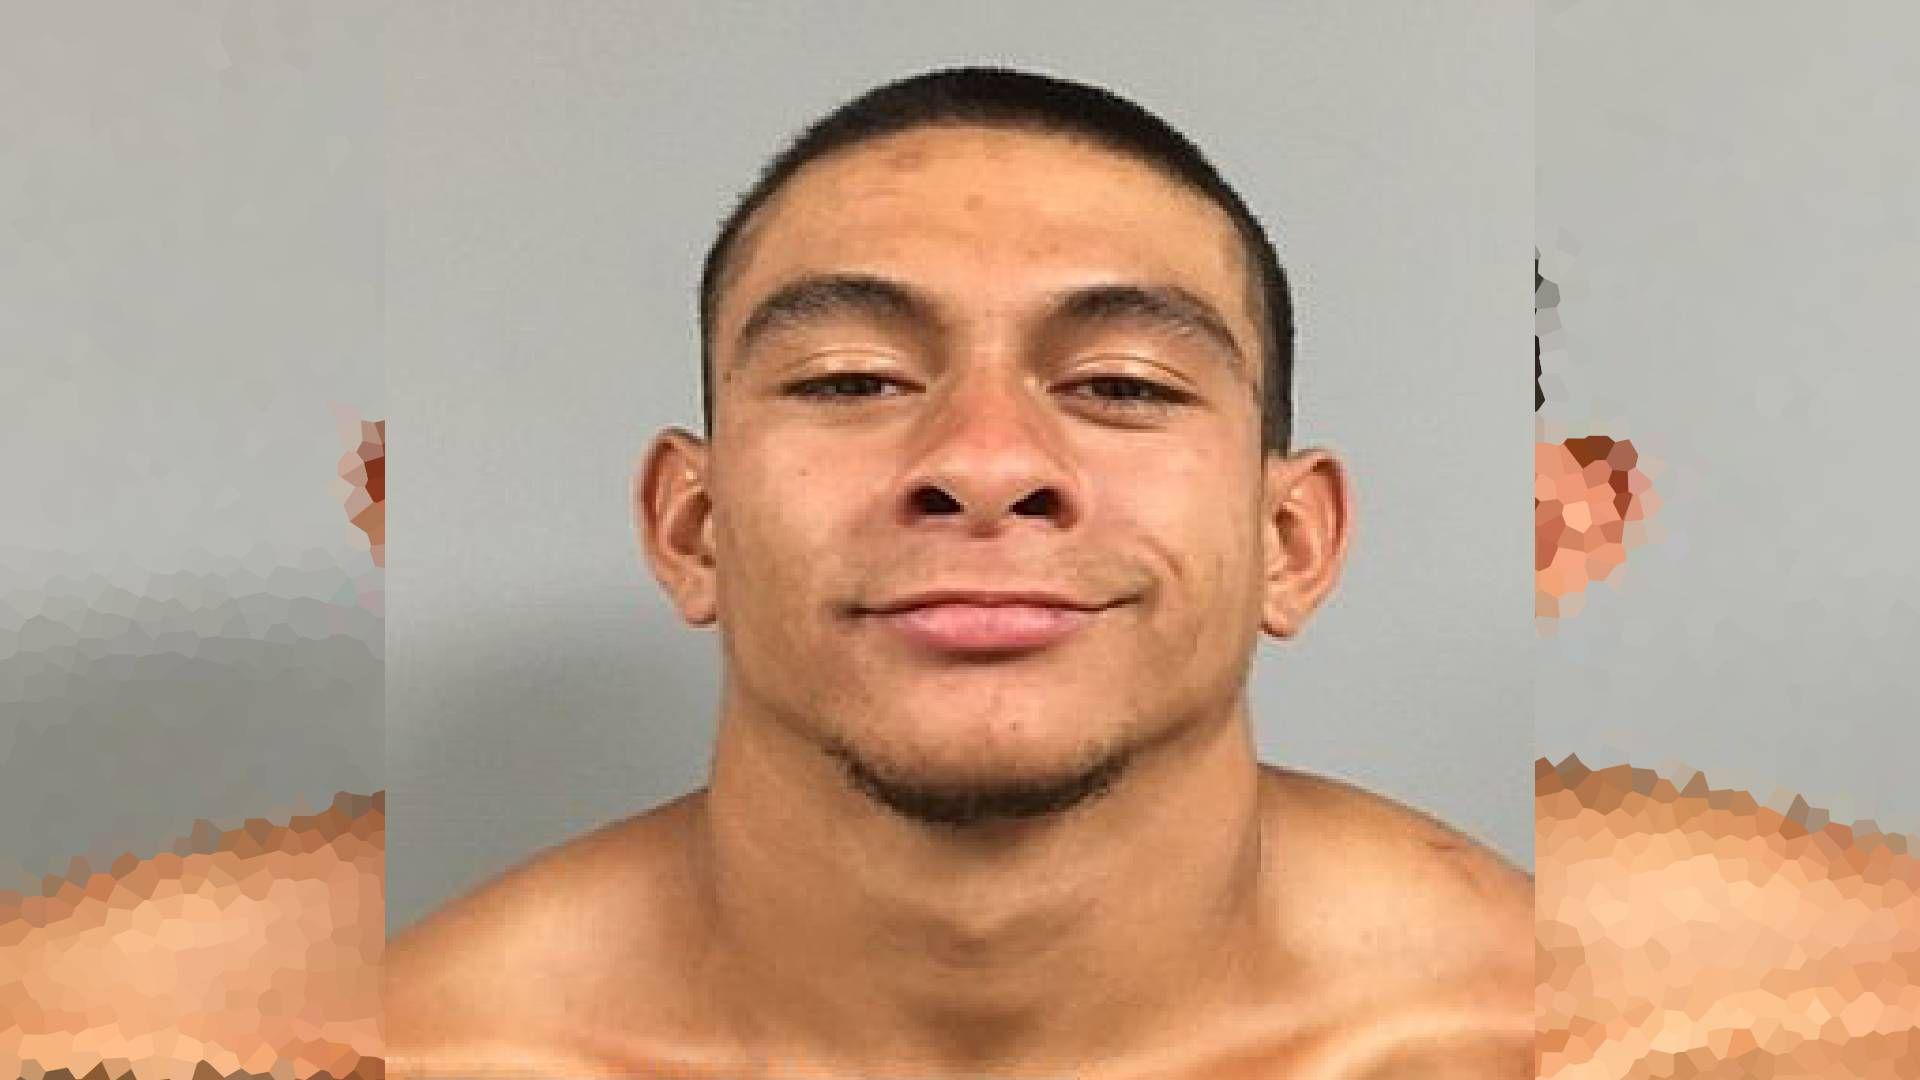 El hombre fue detenido el domingo, cuando un oficial de patrulla lo vio caminando por la calle y lo identificó (Foto: Buckeye Police Department)